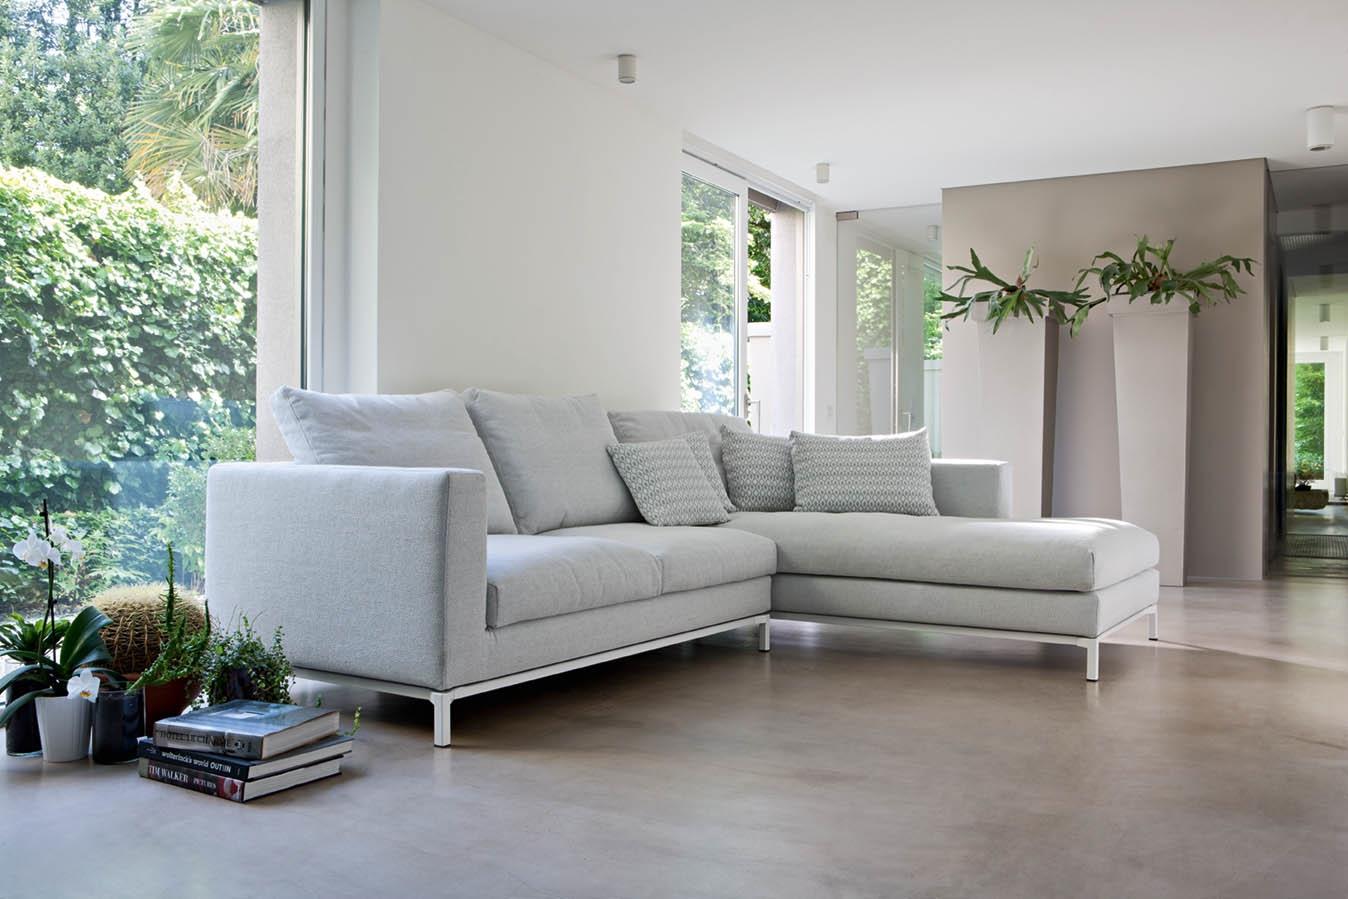 Divano colle divano con penisola divani a prezzi scontati - Sme arredo bagno ...